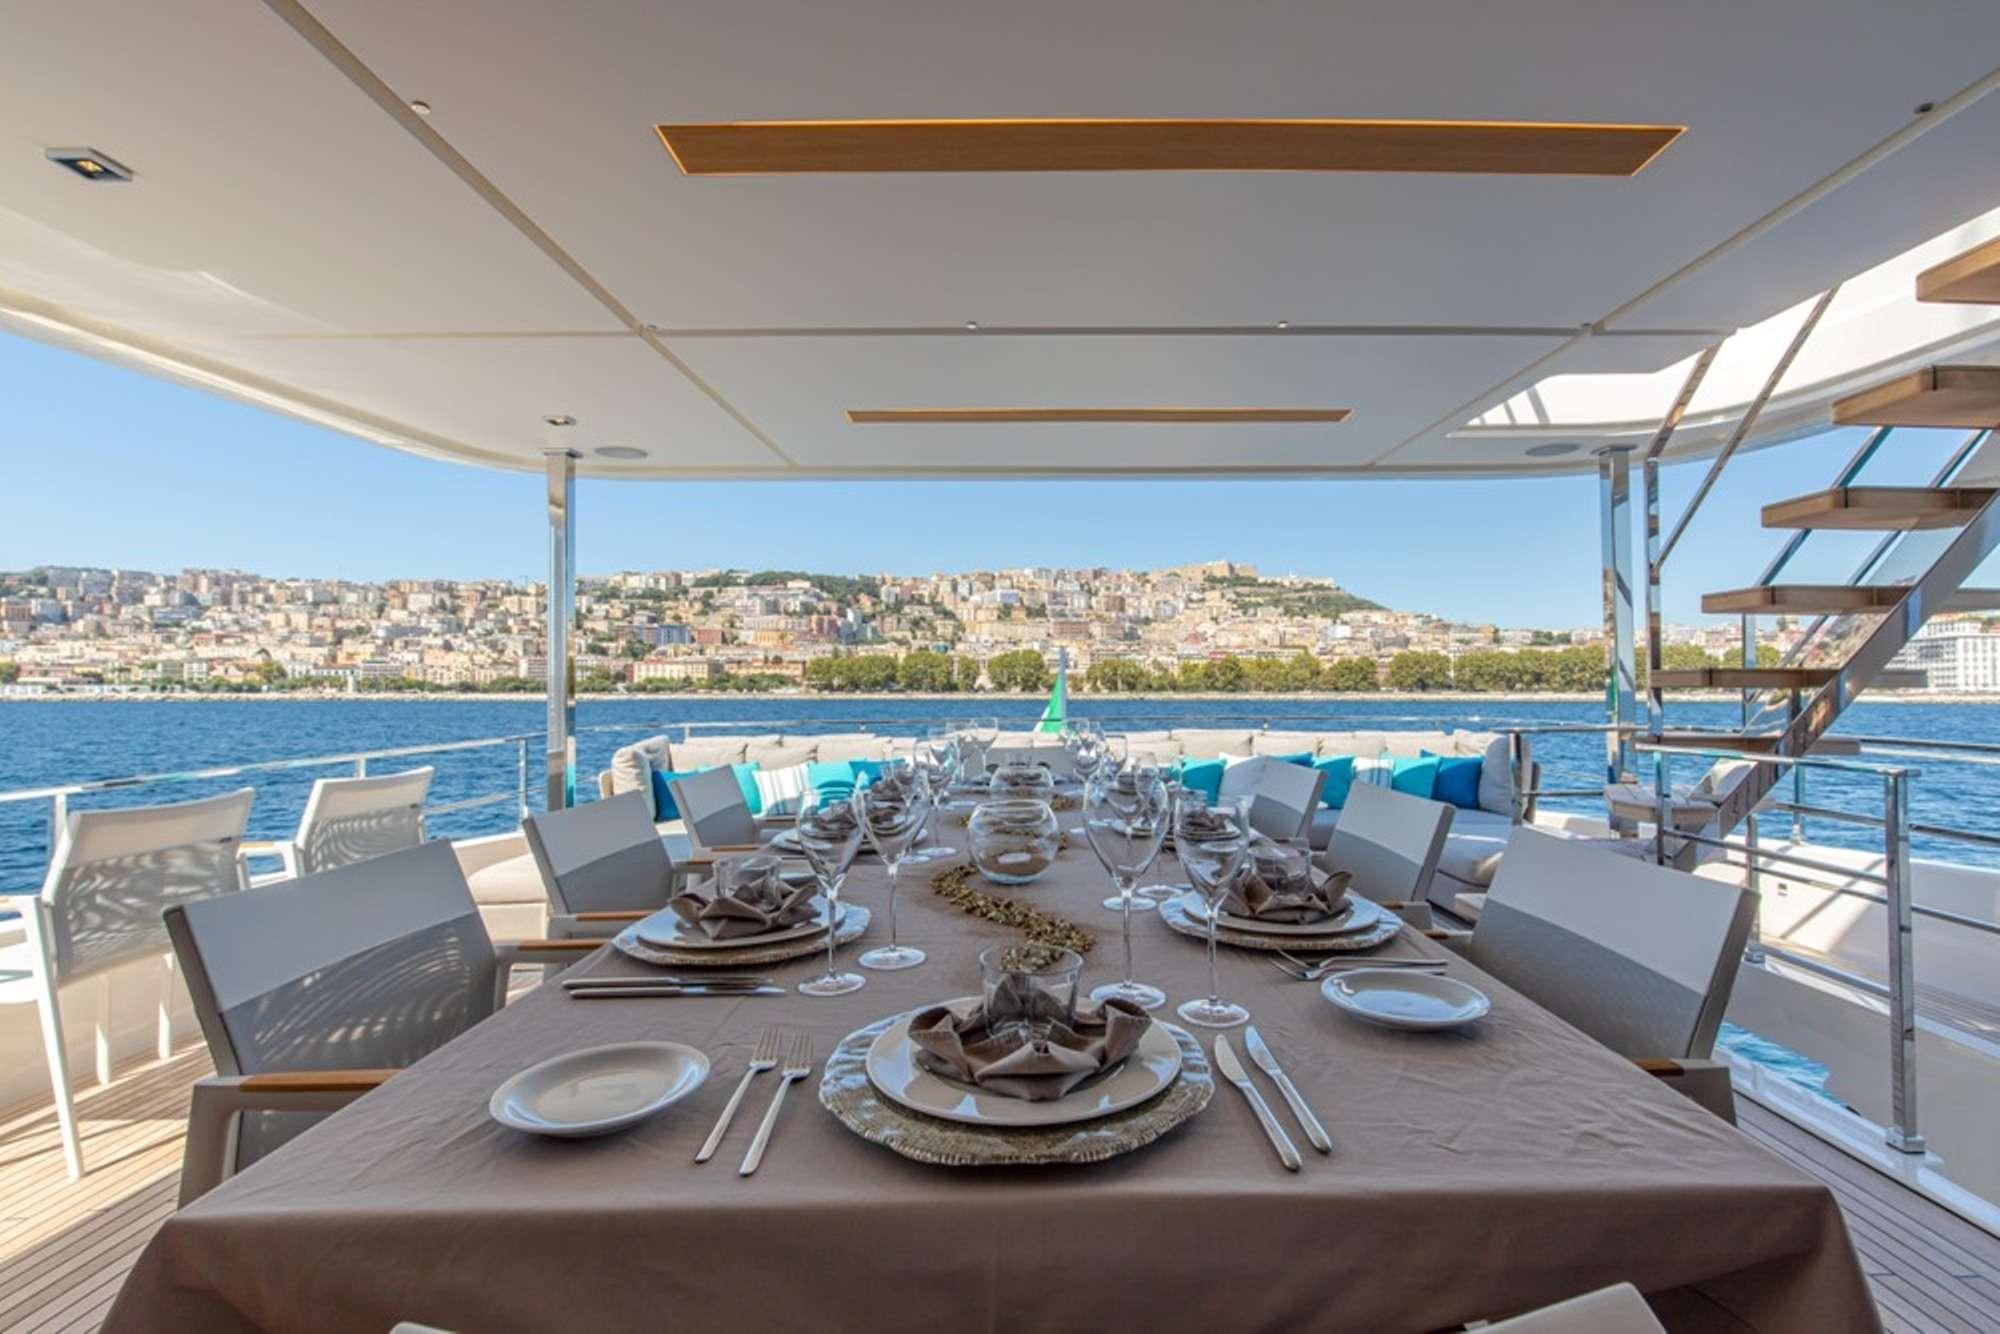 Image of Penelope yacht #4